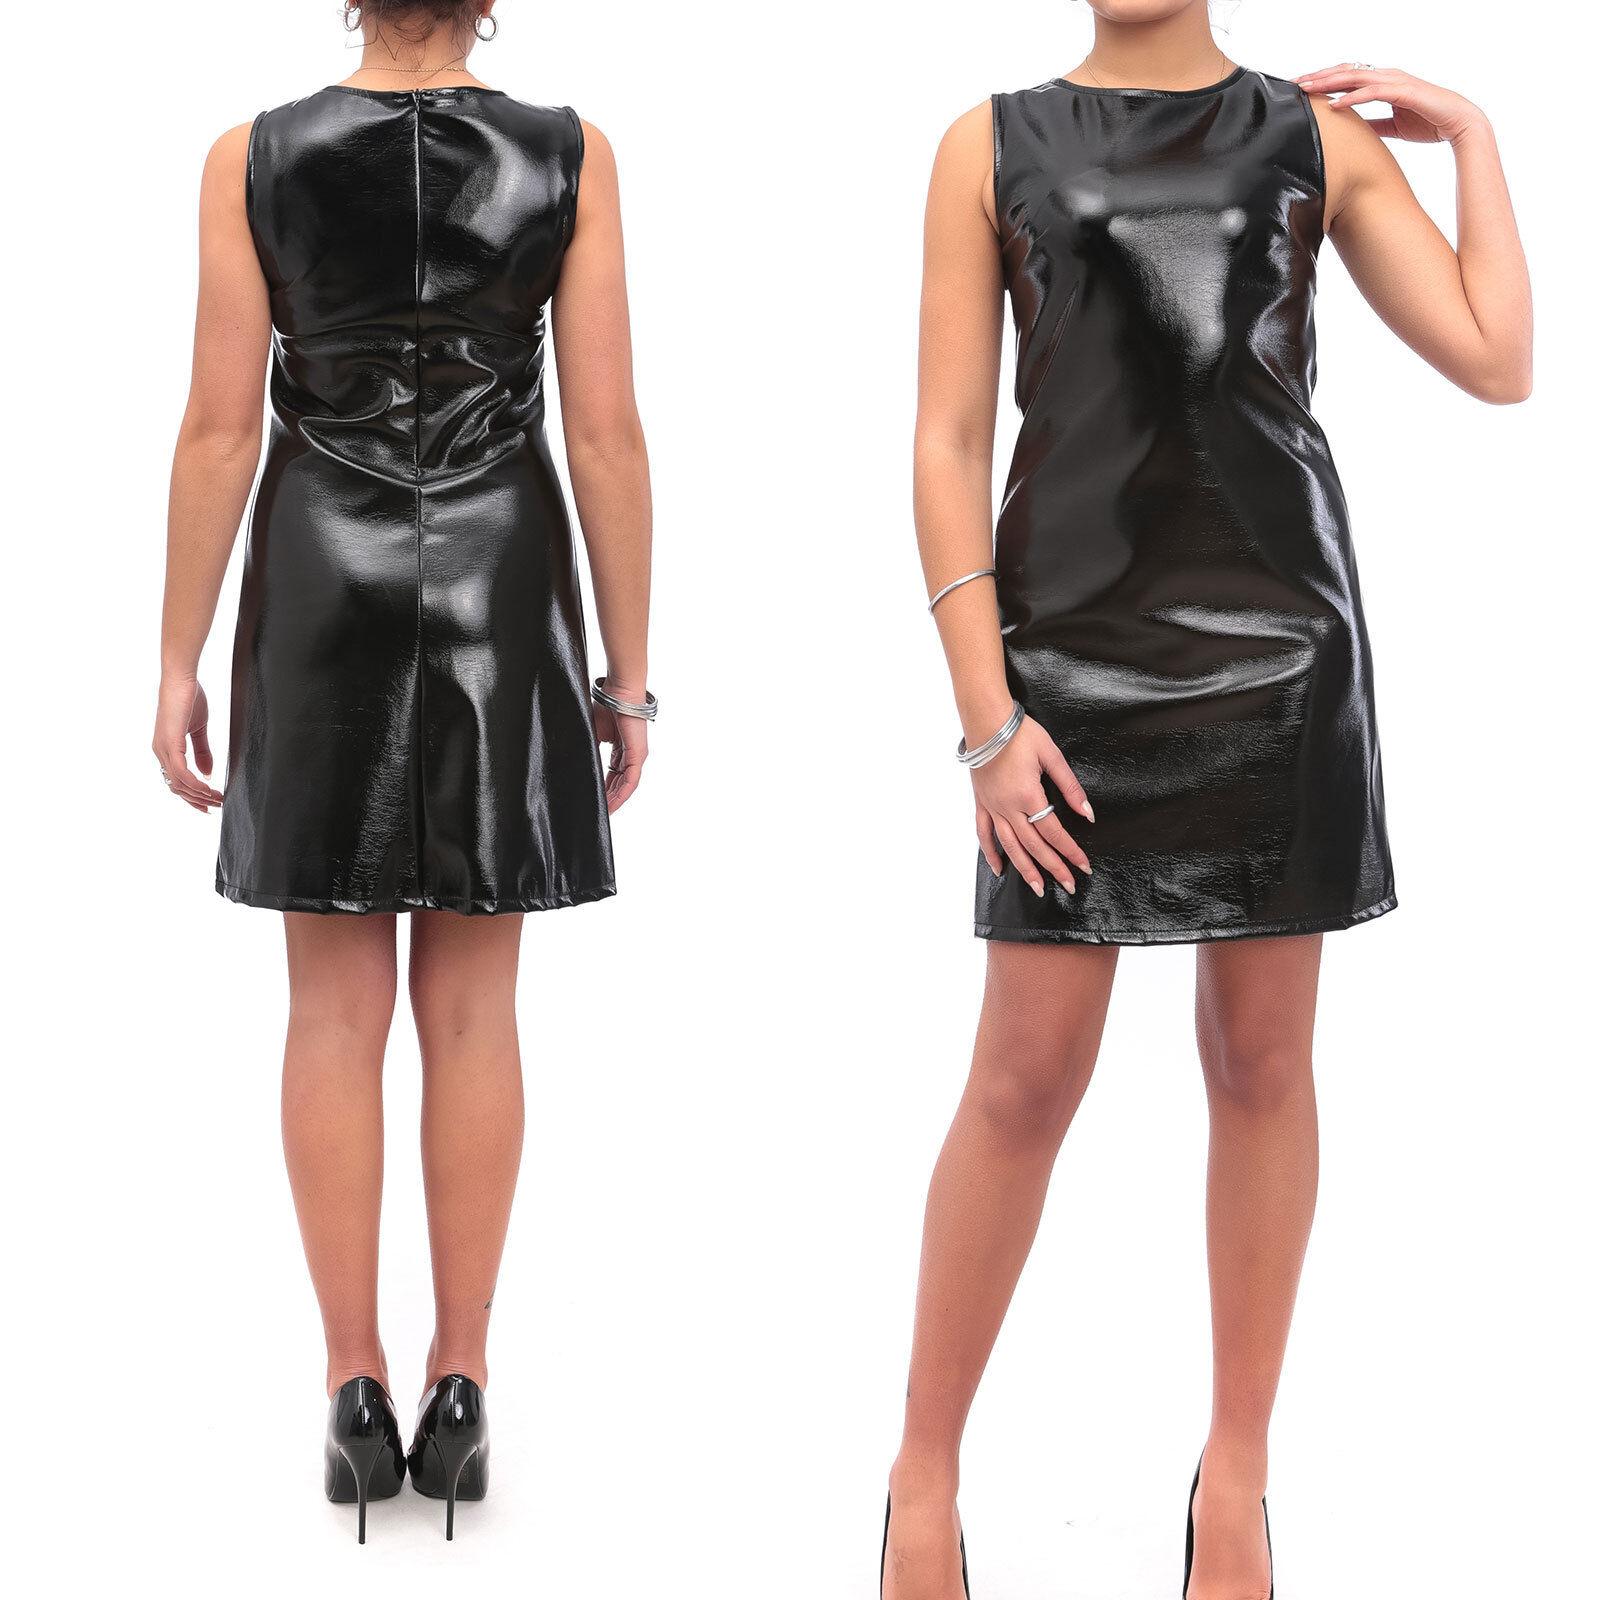 Vestito Donna Abito Corto Vinile Eco Pelle Lucida Latex Aderente Tubino  v1450.   d55768207dd